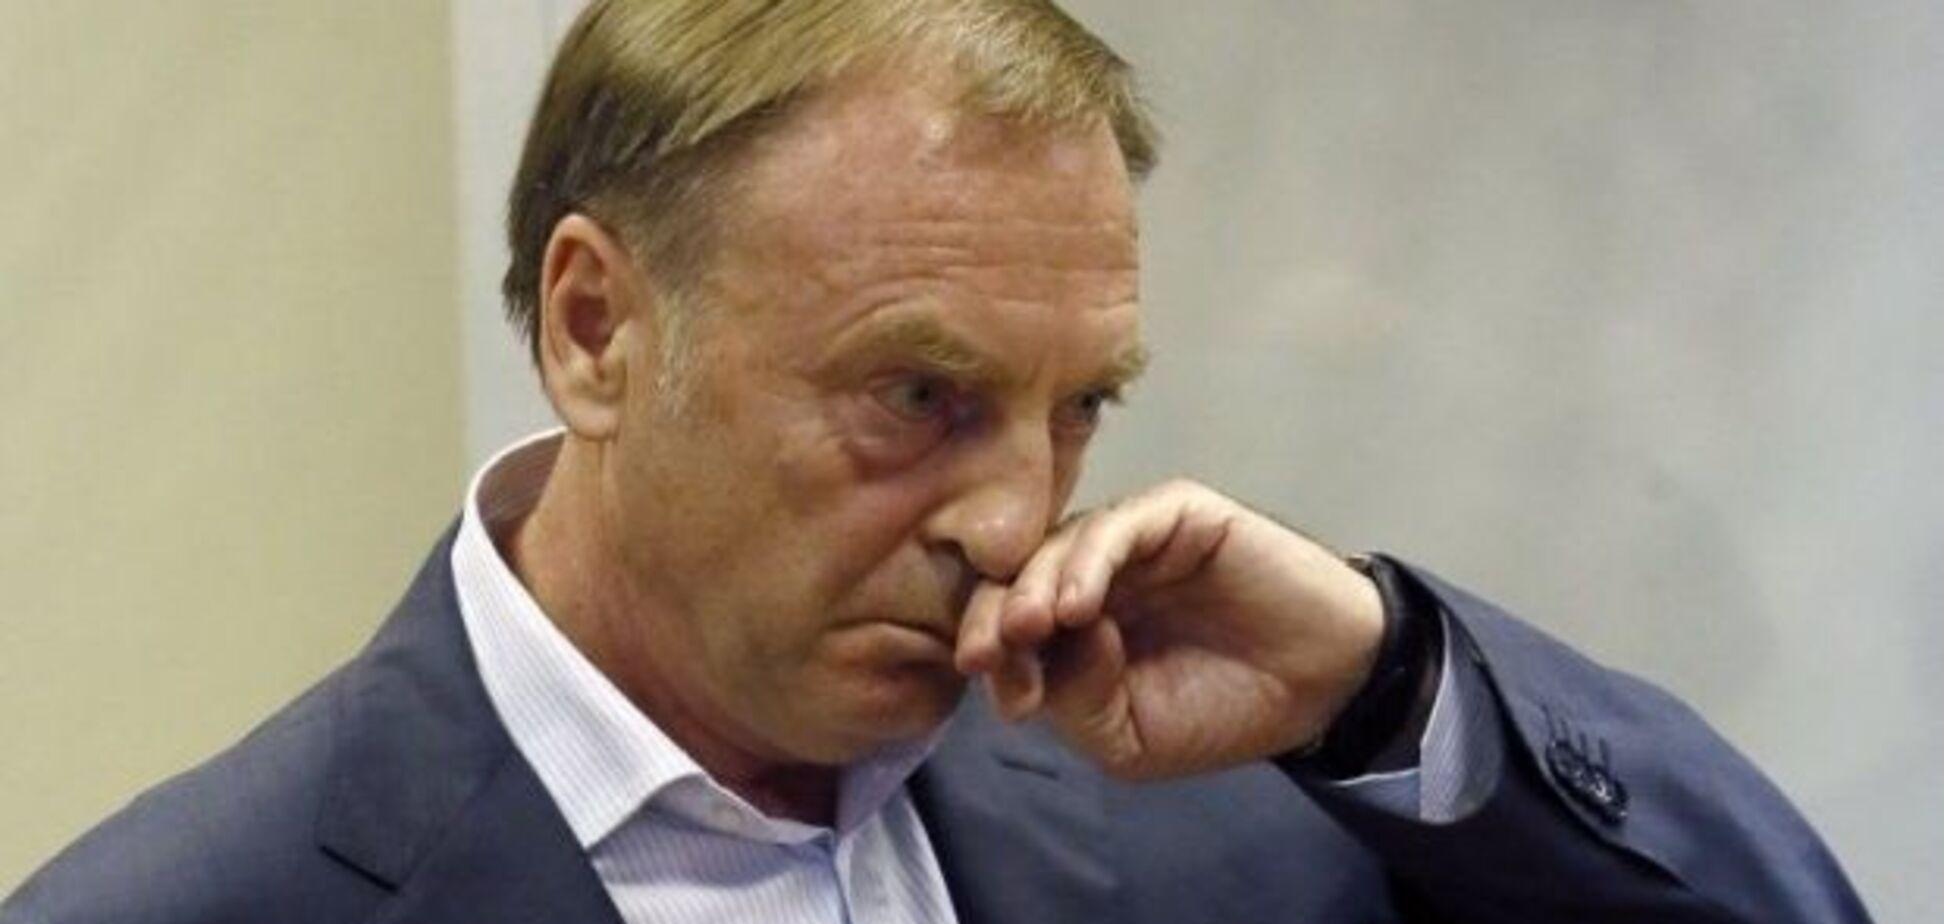 Конституционный переворот: Лавринович отреагировал на обвинения ГПУ